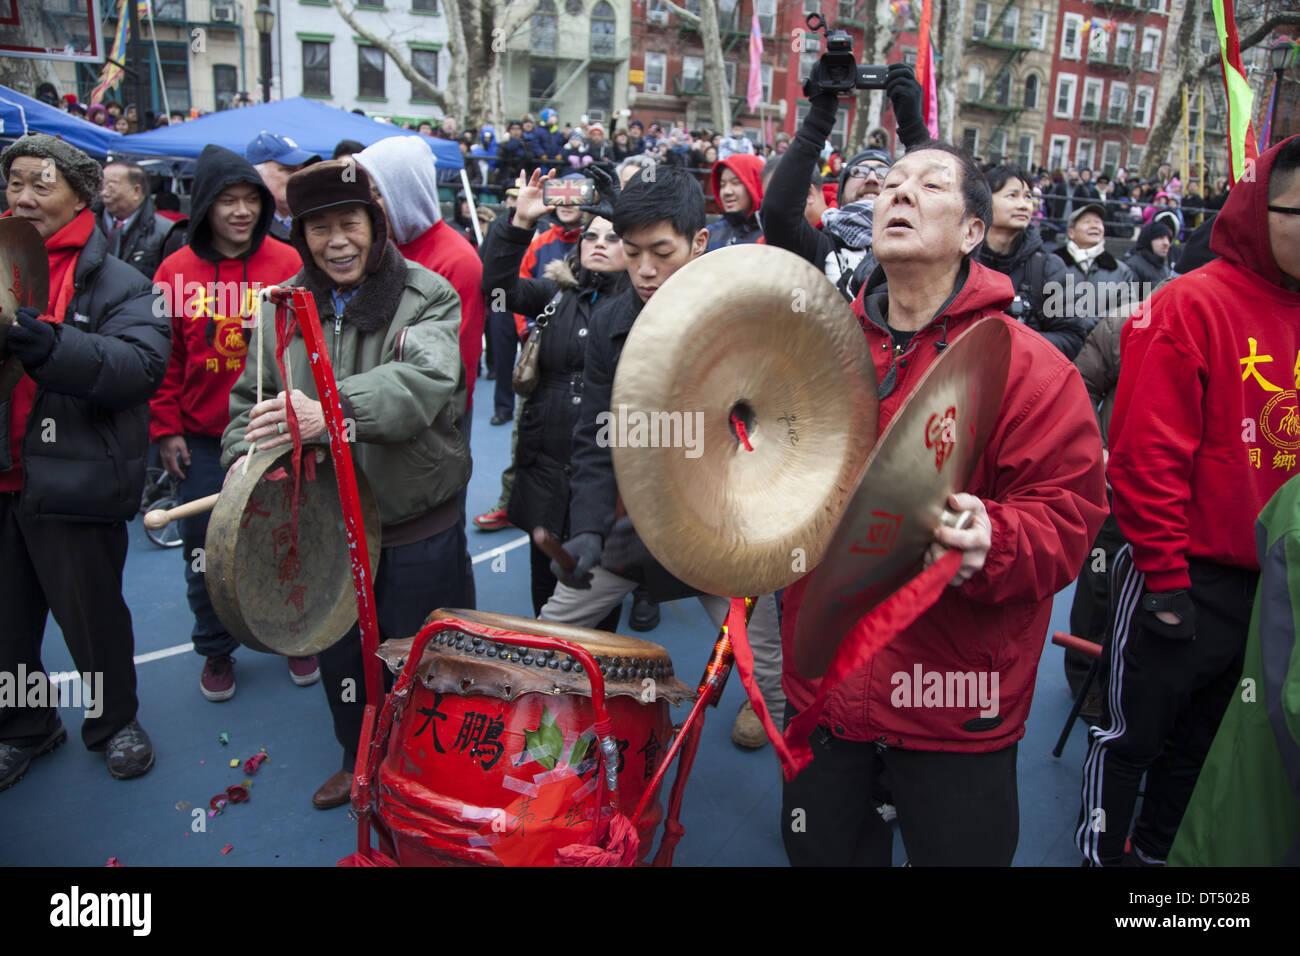 Les célébrations du Nouvel An chinois dans le quartier chinois, la ville de New York. 2014, année du cheval. Photo Stock